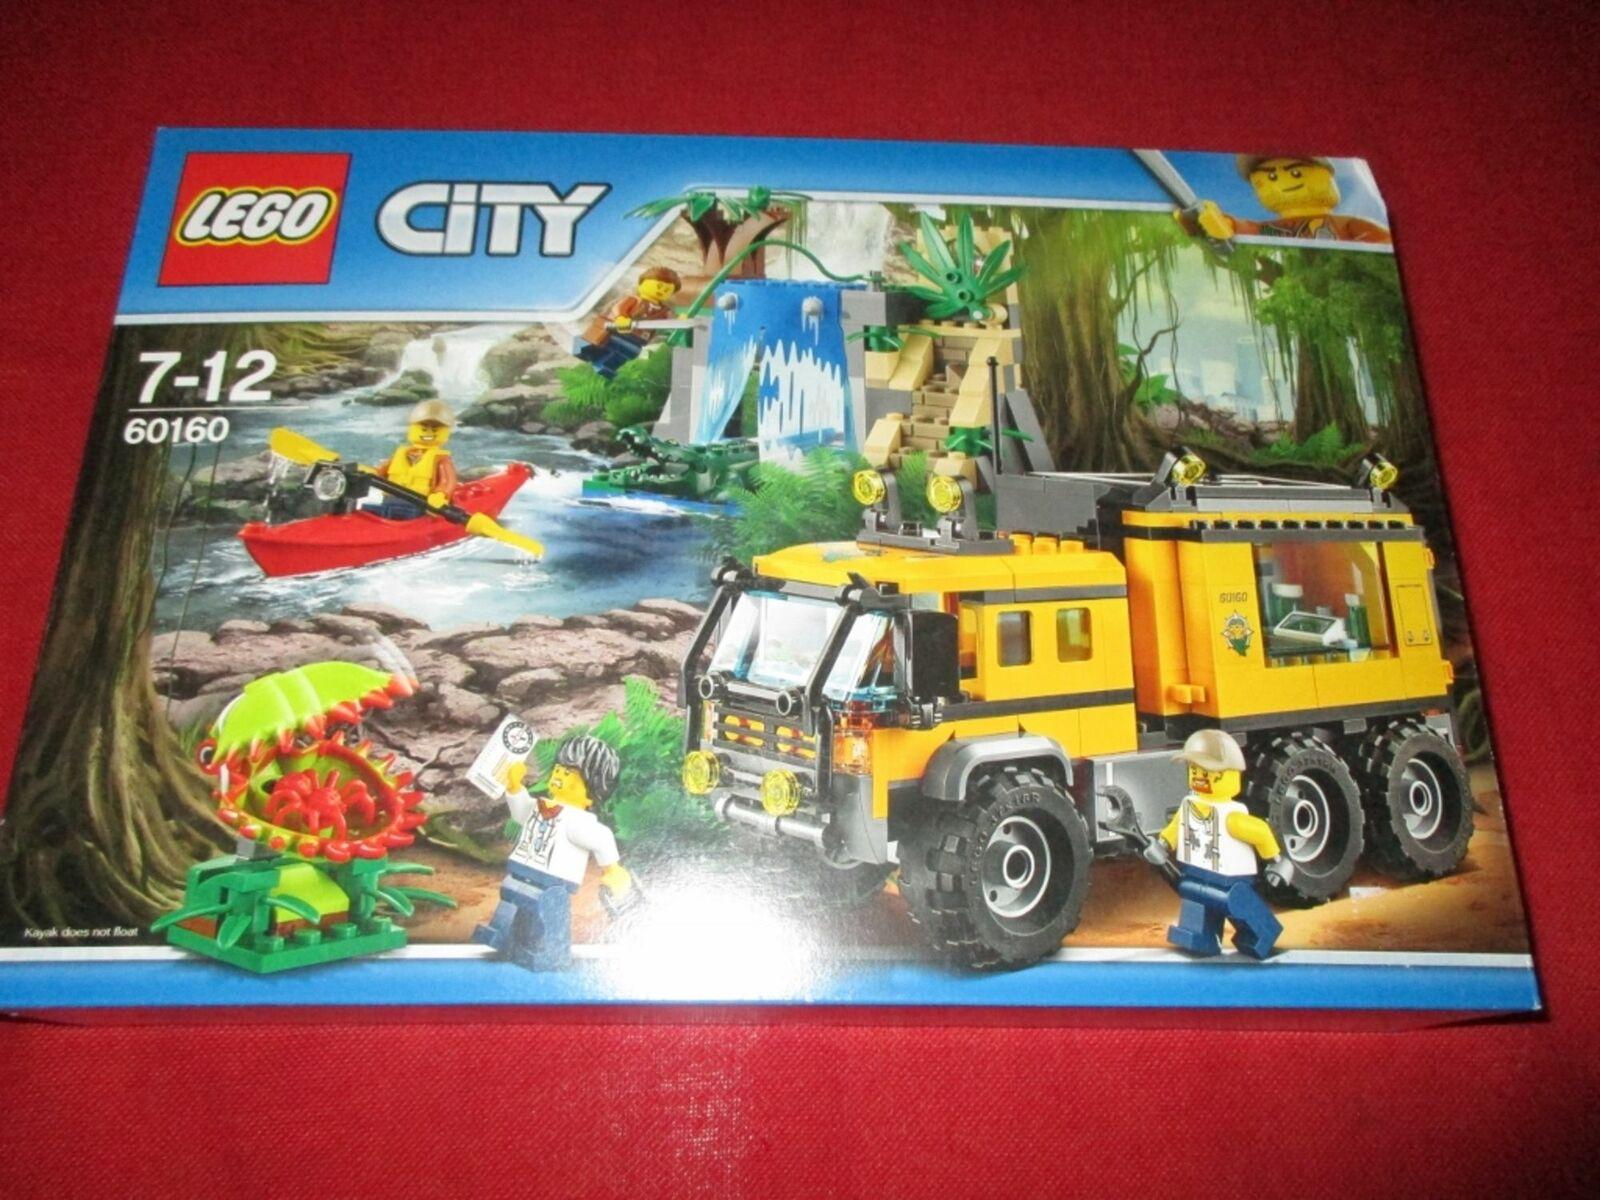 LEGO ® City 60160 Mobile jungle-Laboratoire Nouveau neuf dans  sa boîte  détaillants en ligne